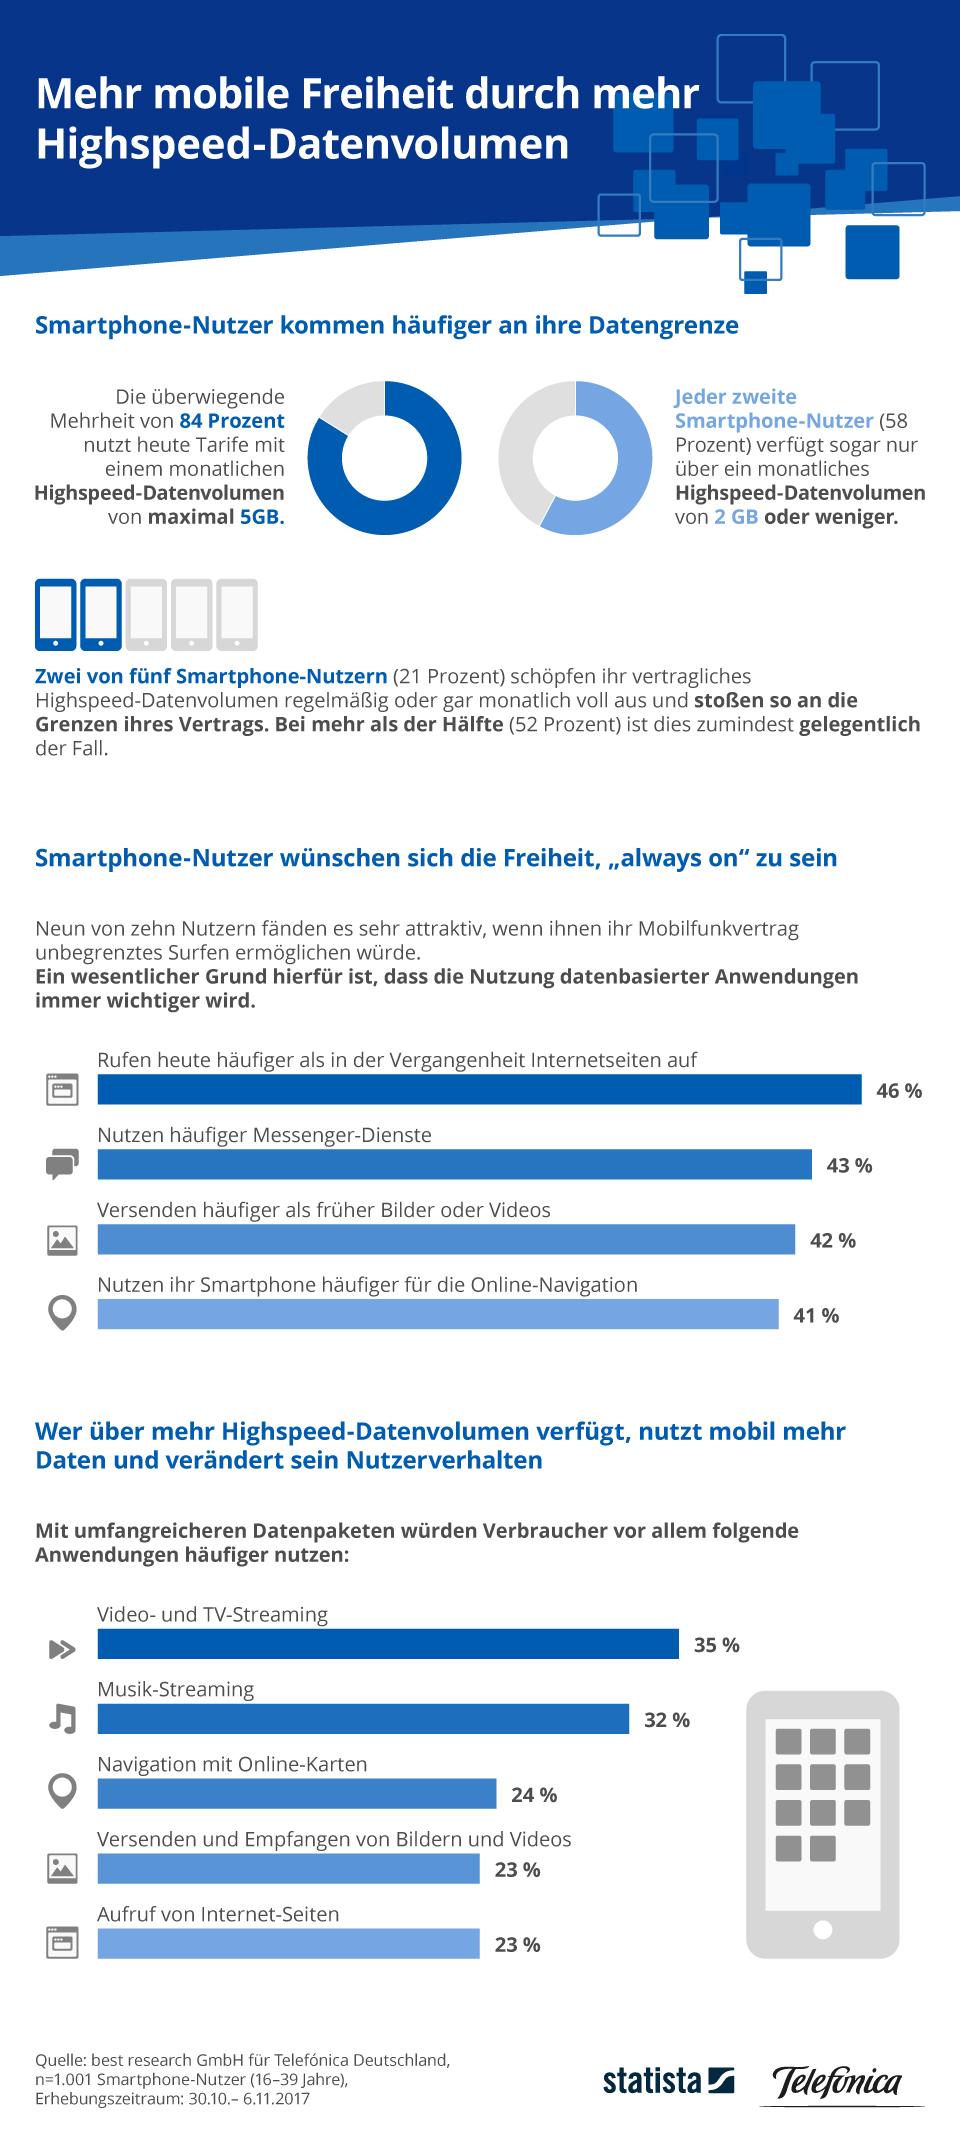 Infografik: Mehr mobile Freiheit durch mehr Highspeed-Datenvolumen | Statista